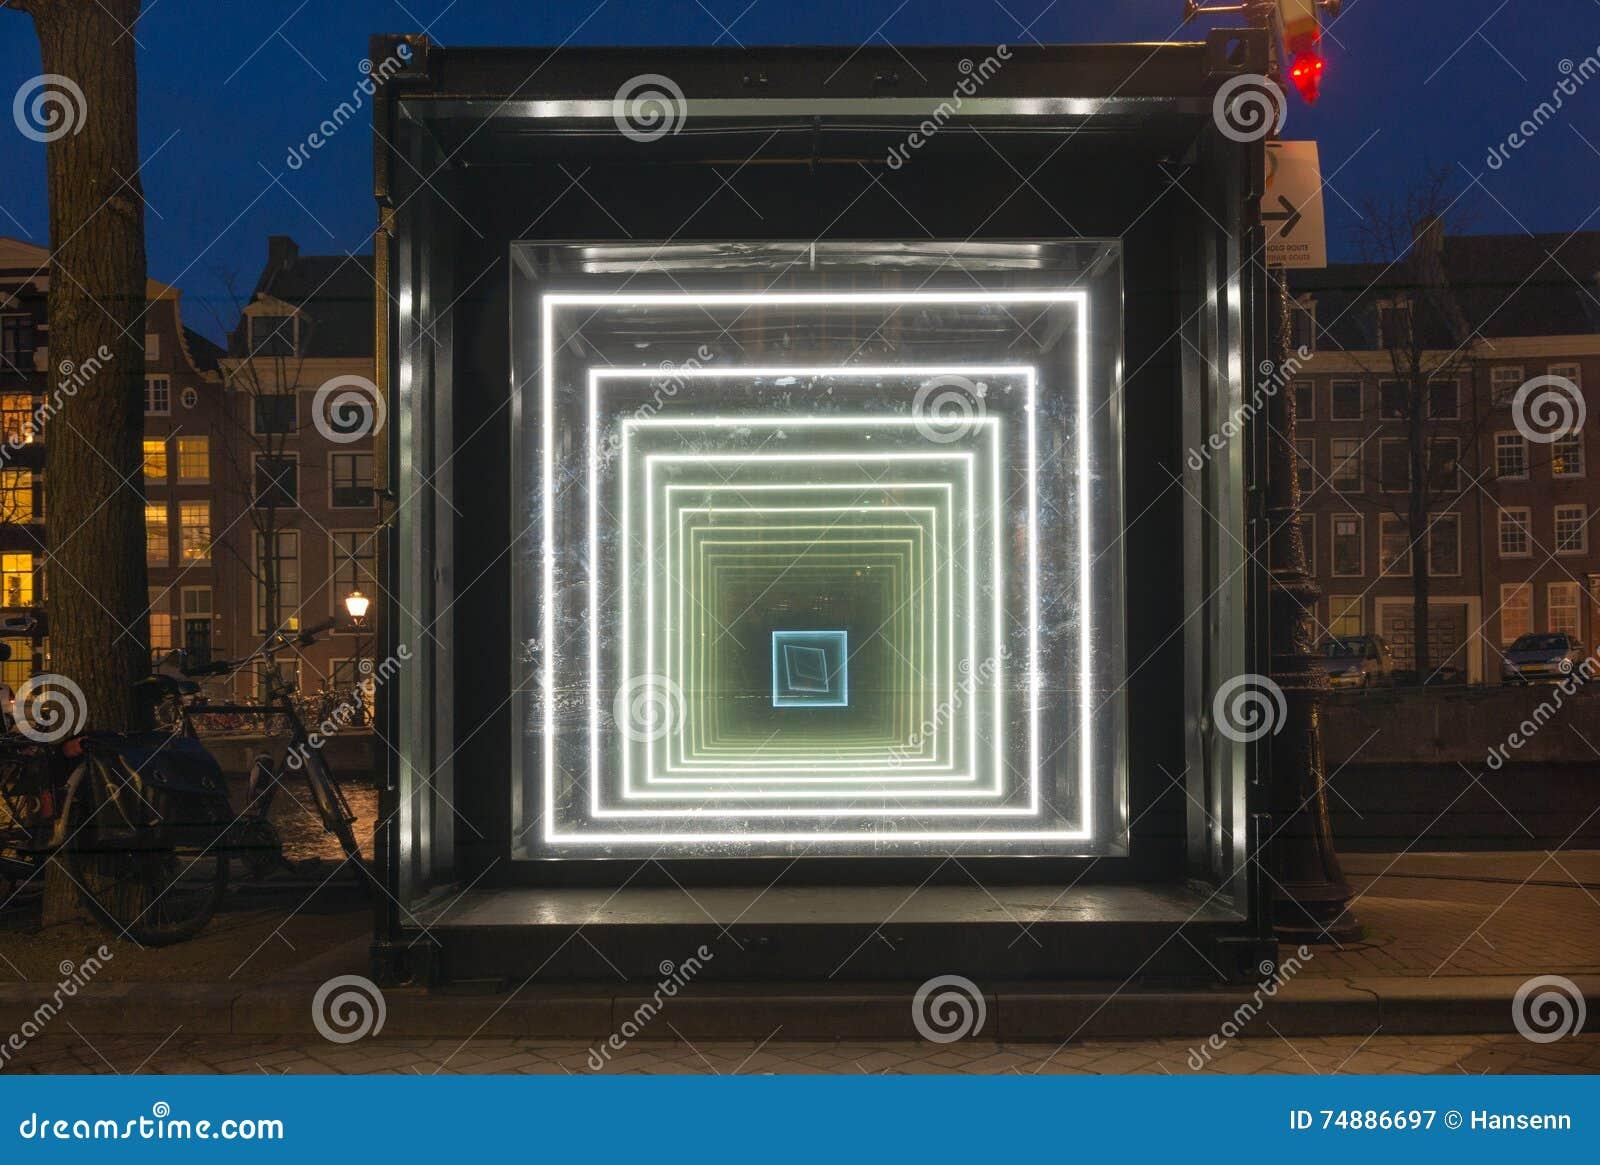 Празднество Амстердам светлое